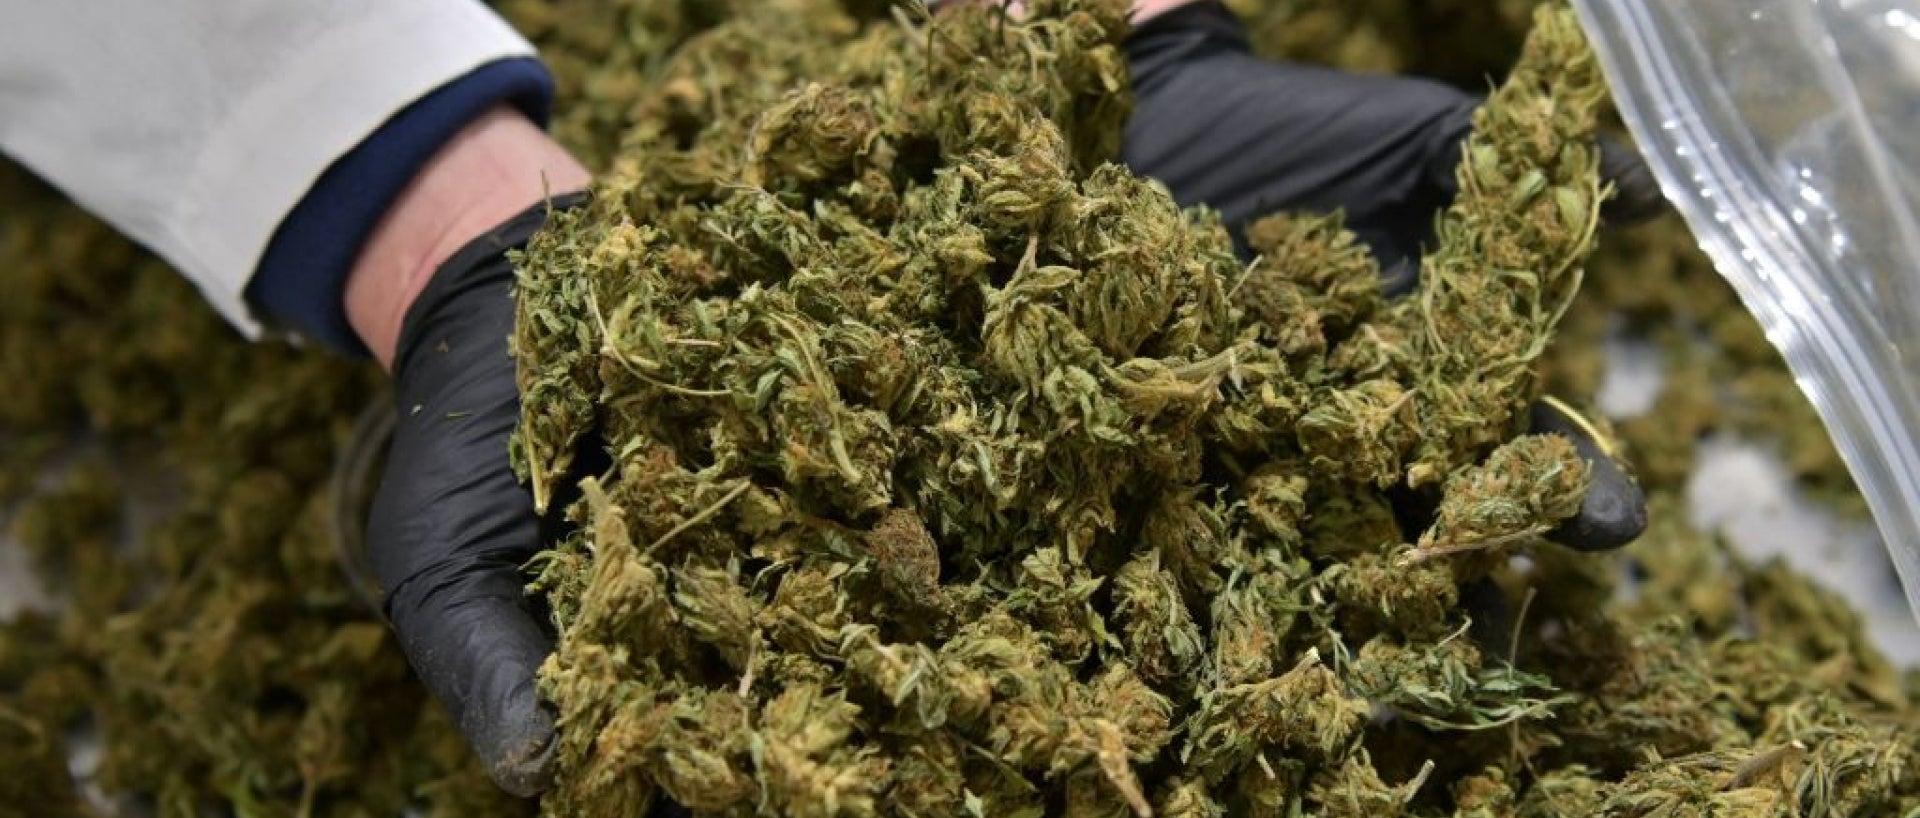 Gloved hands in bucket of harvested marijuana